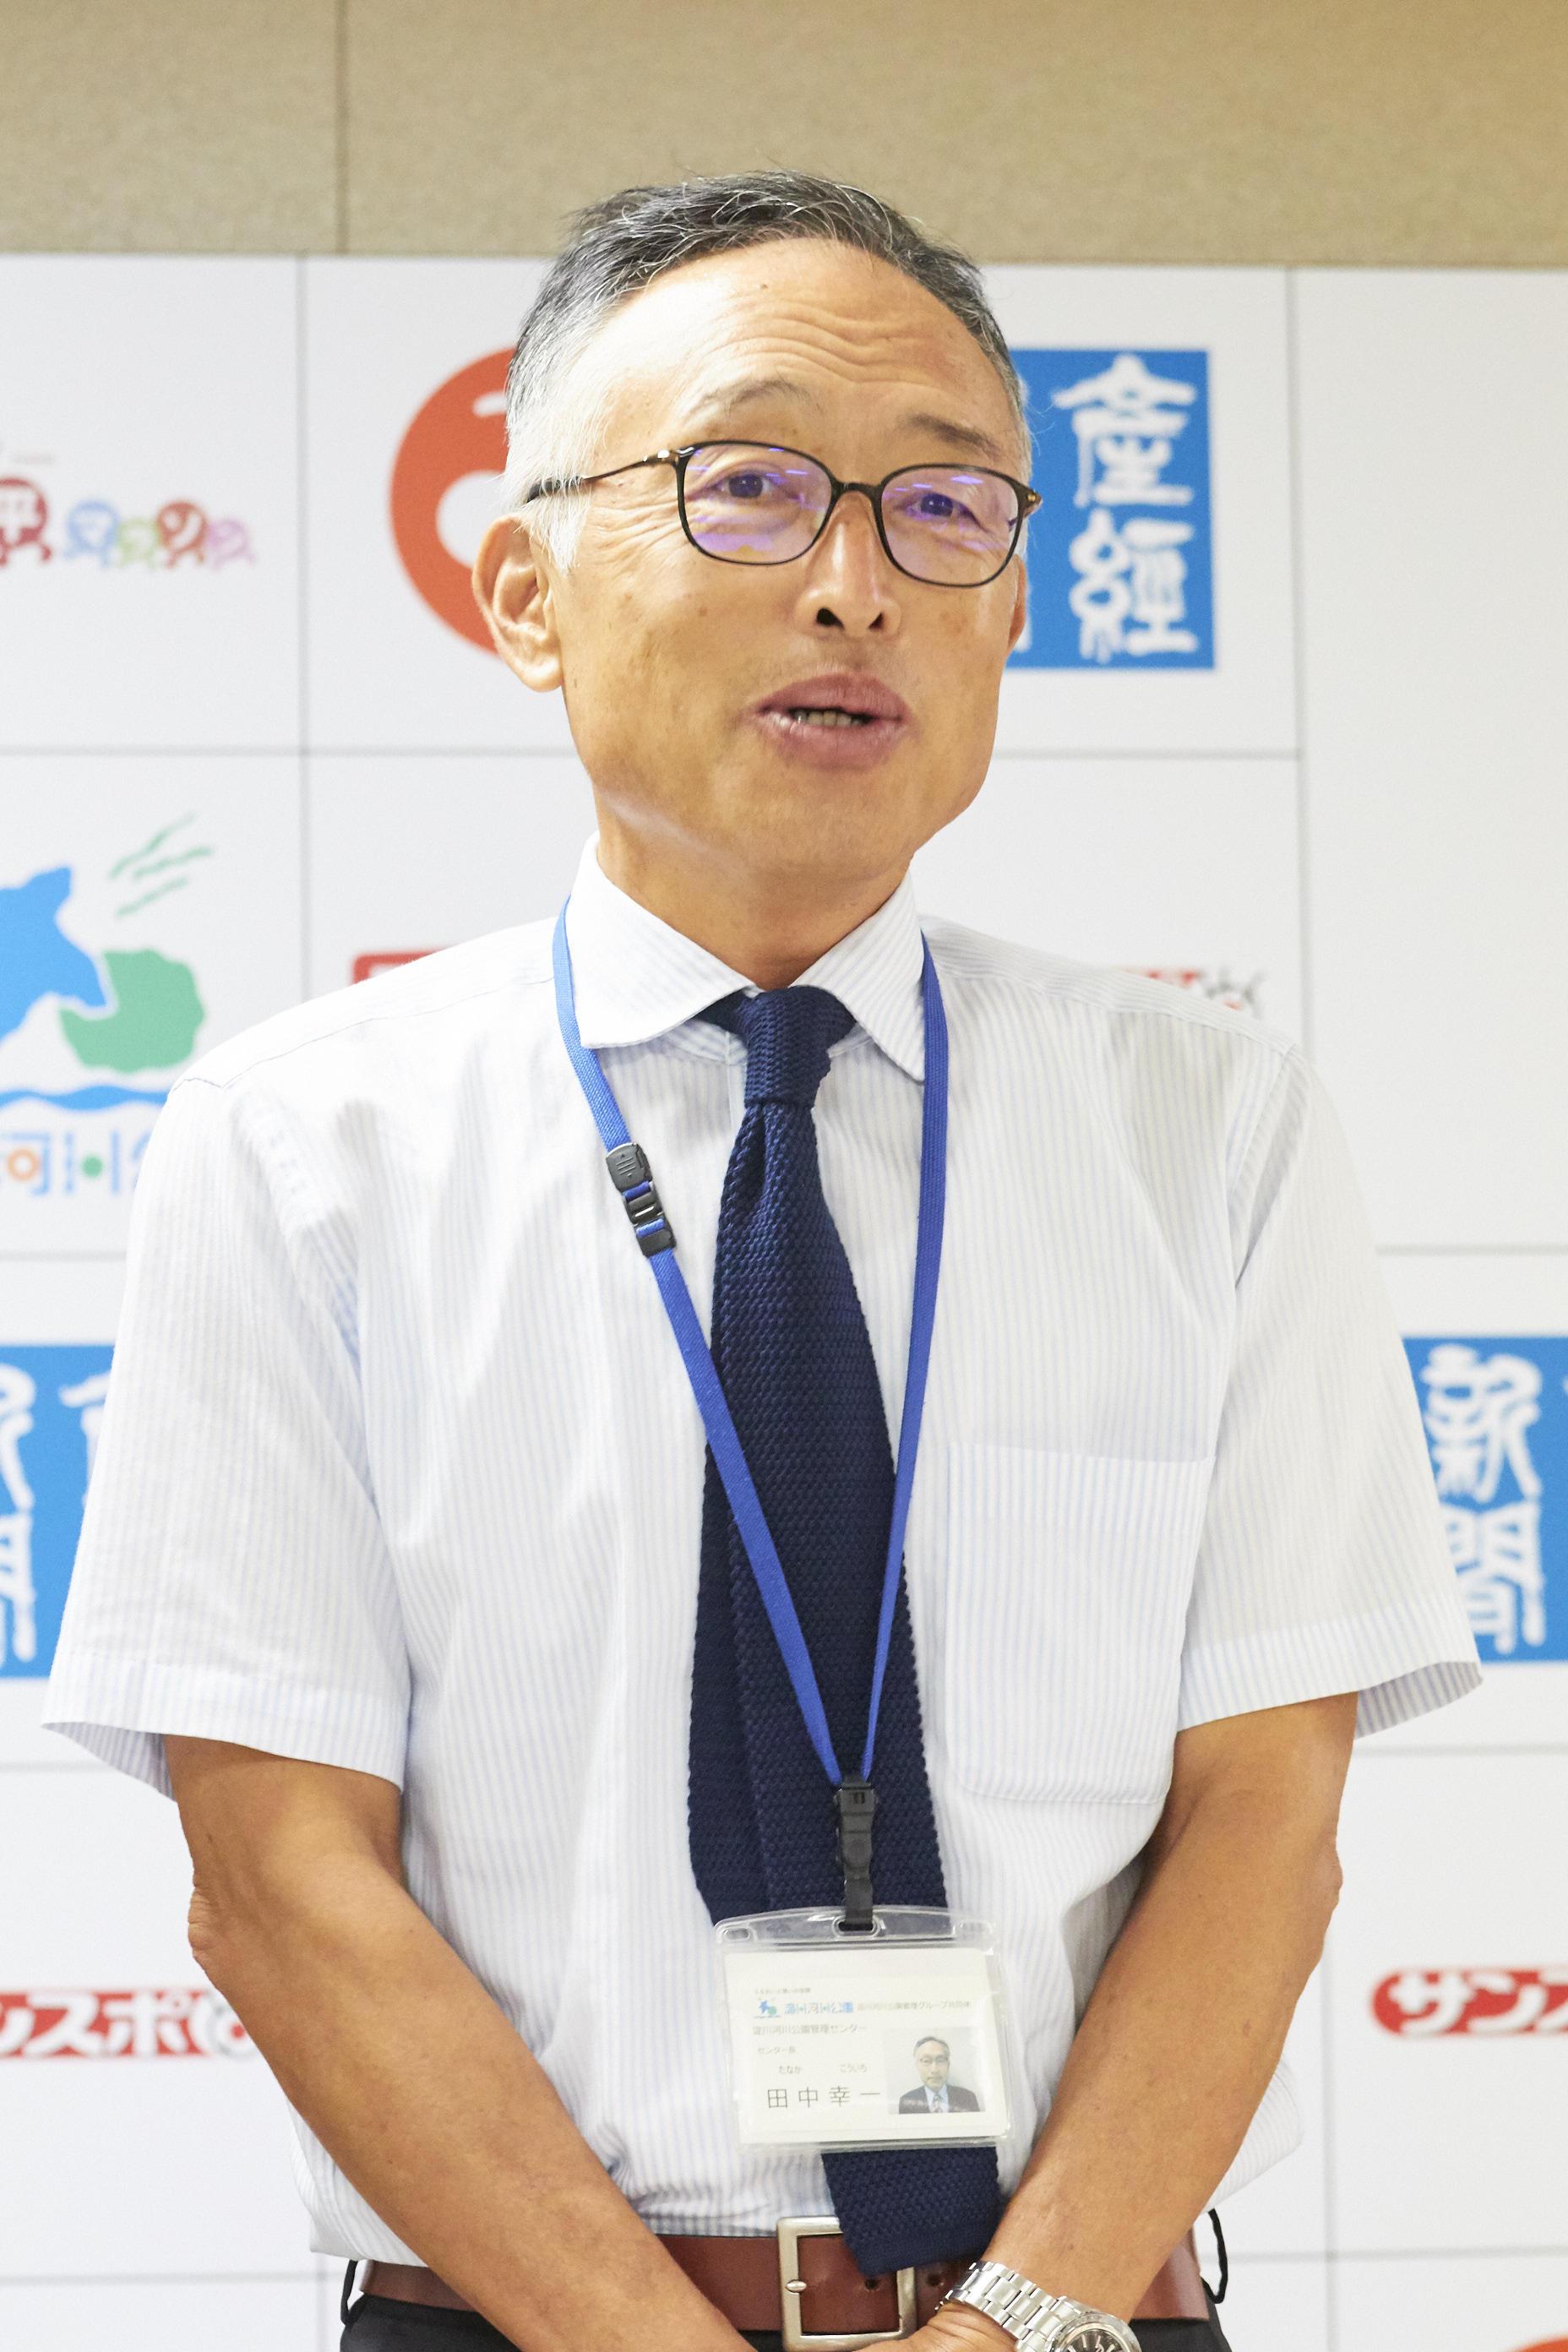 http://news.yoshimoto.co.jp/20180830001155-867363a12a977c32f322e76debdea65d8c824d66.jpg